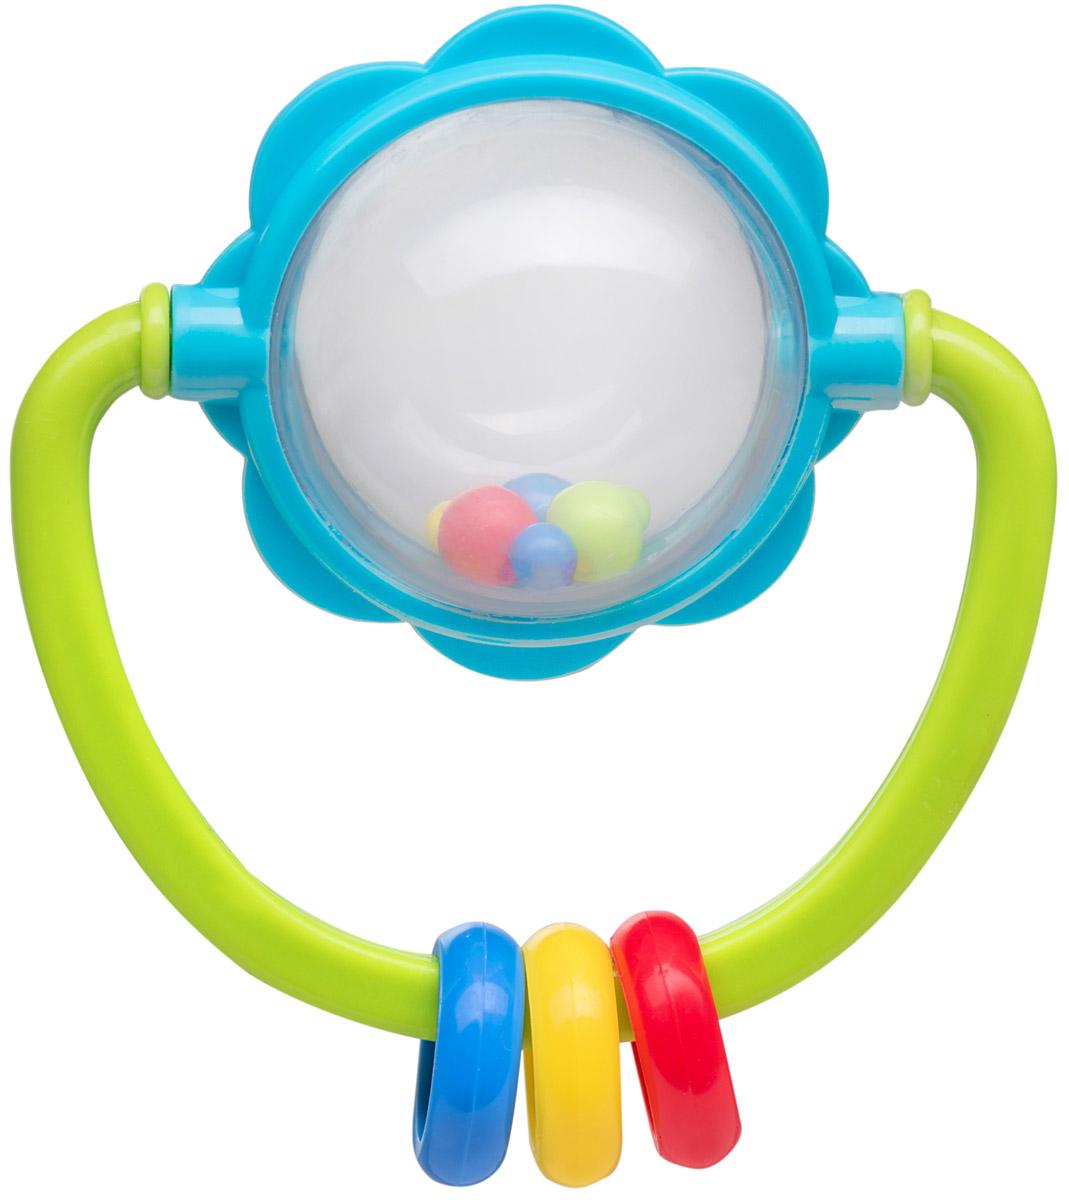 BabyOno Погремушка Шар672Погремушка BabyOno Шар развивает осязательные, зрительные и двигательные способности, учит причинно-следственным связям. Звуки погремушки развивают способность различать силу звука. Погремушка BabyOno Шар развивает моторику и мануальные способности ребенка, навыки захвата ладонью и перекладывания предметов из руки в руку. Легкая конструкция и форма погремушки рассчитаны для маленьких ручек ребенка. Товар сертифицирован.